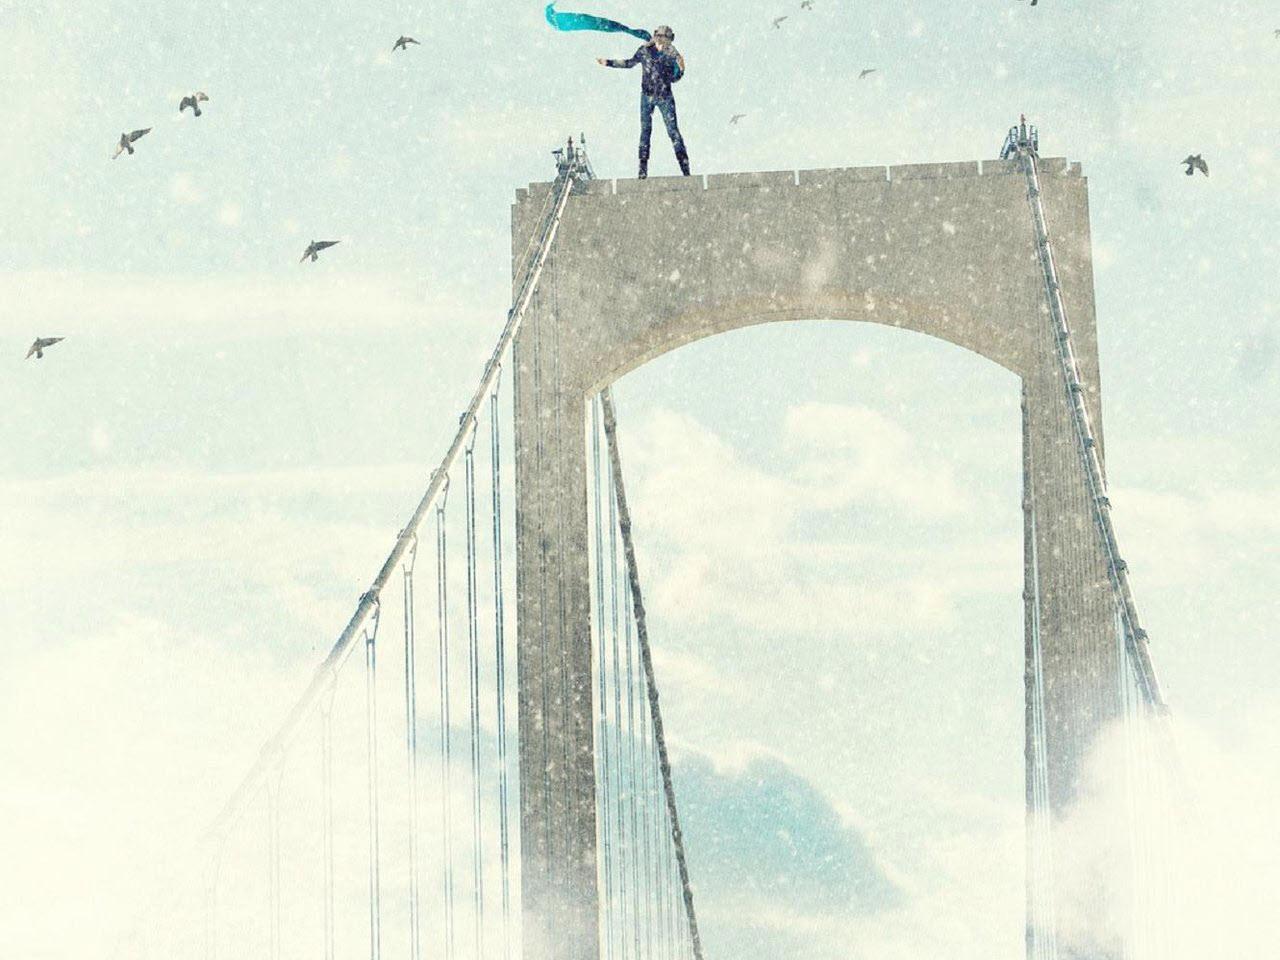 مرد ایستاده روی پل